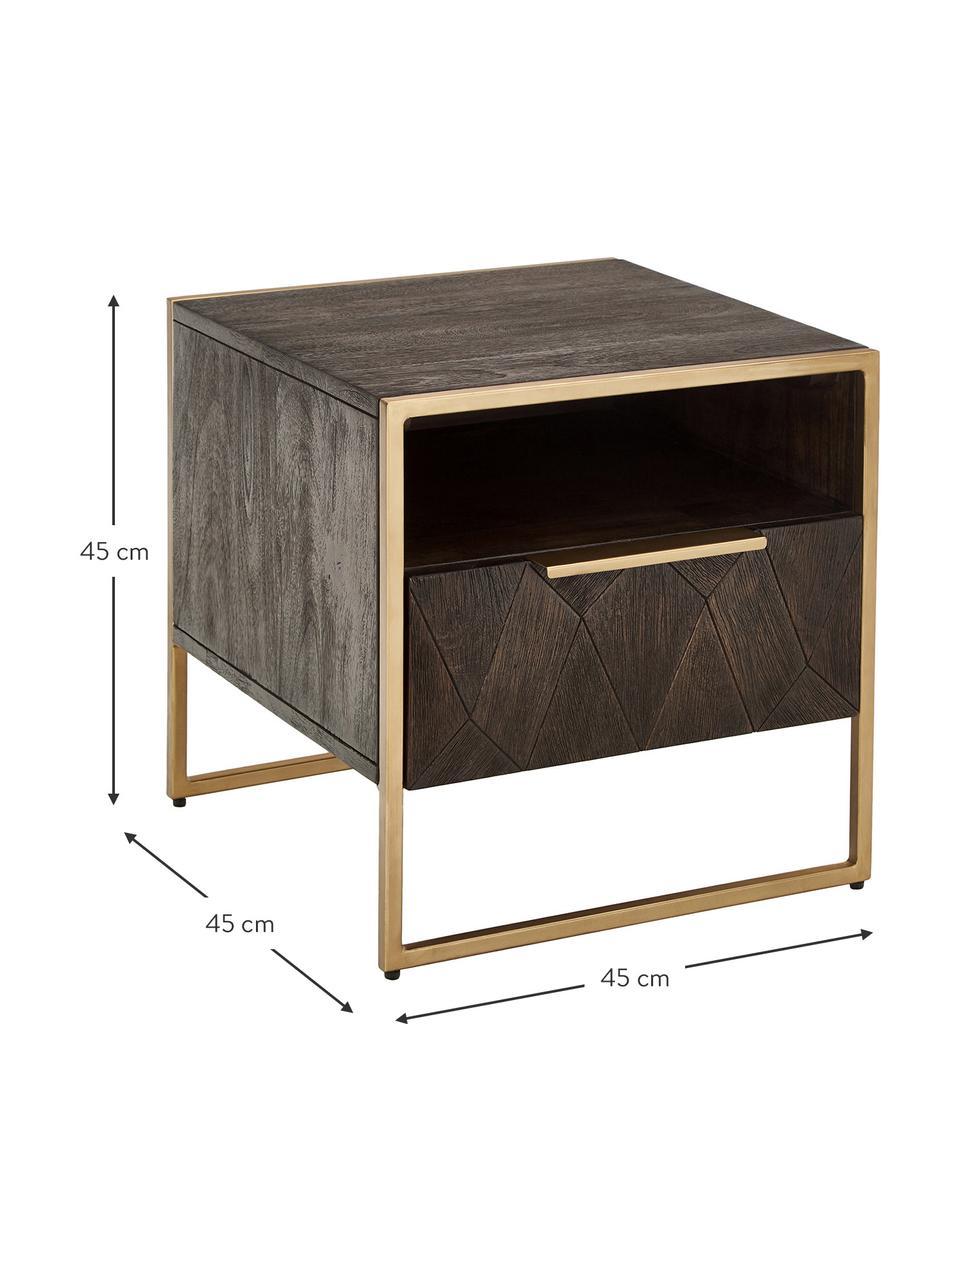 Table de chevet en bois massif Harry, Bois de manguier, couleur dorée